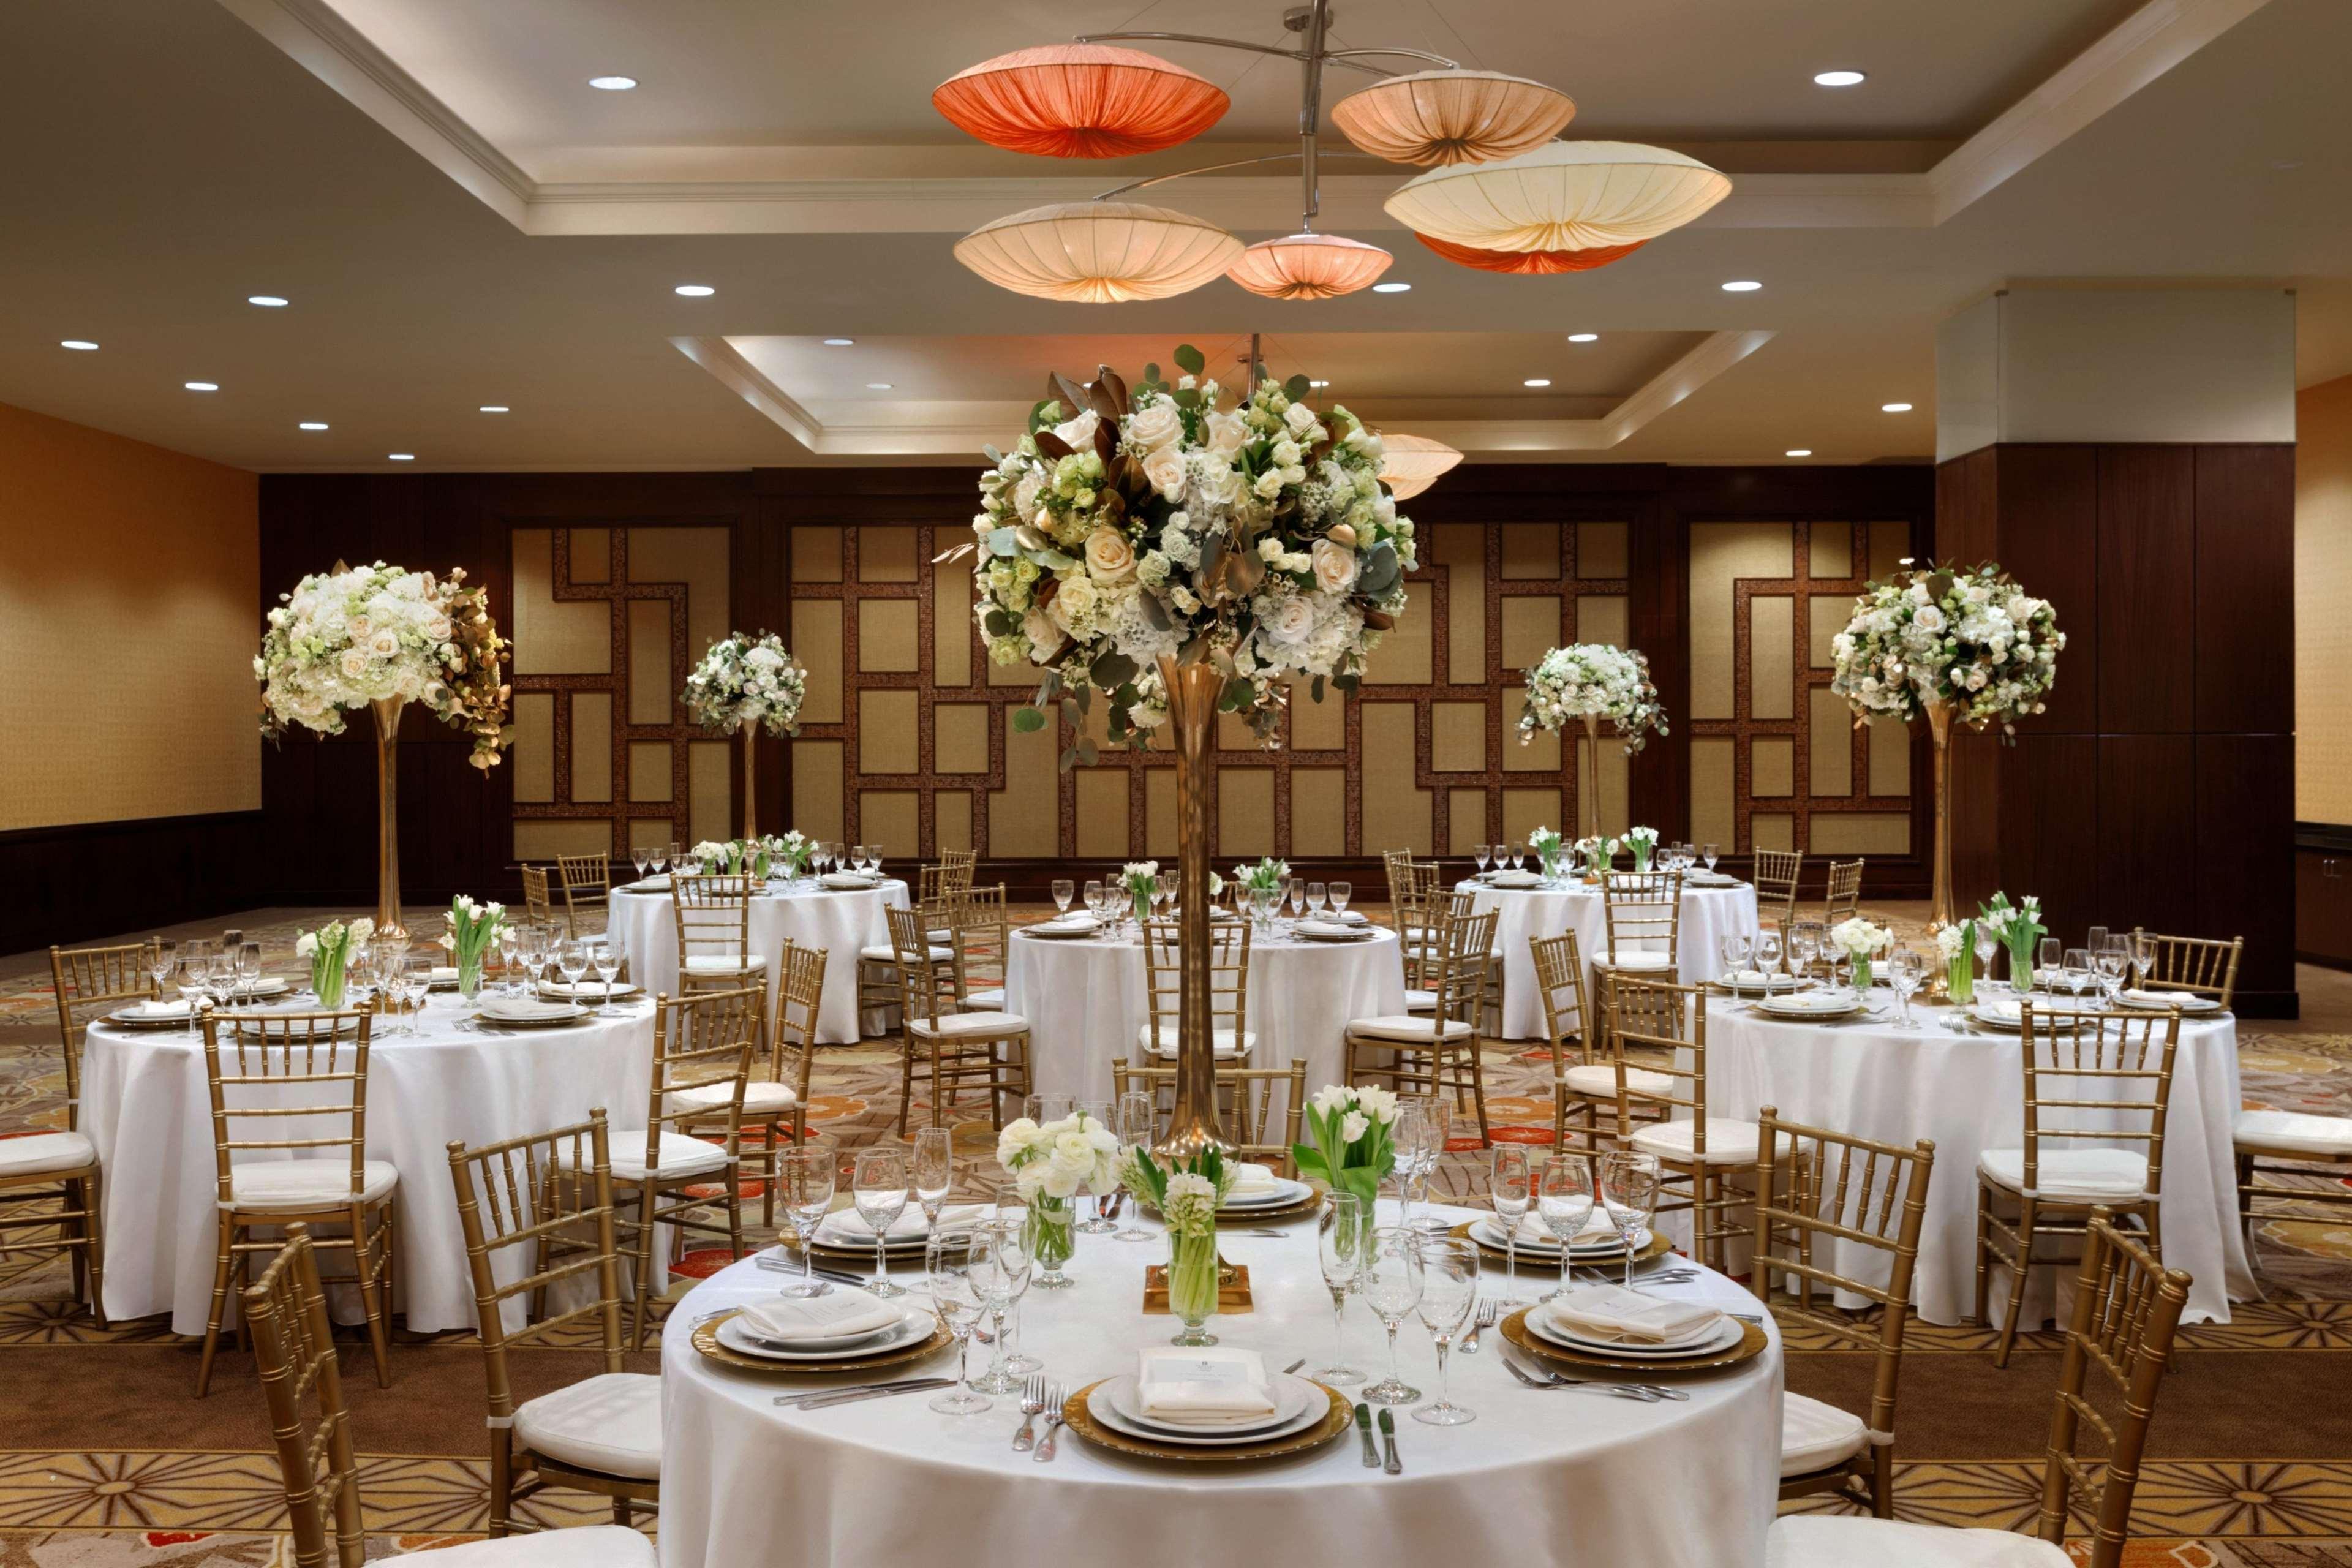 Glendale Hilton Hotel Restaurant